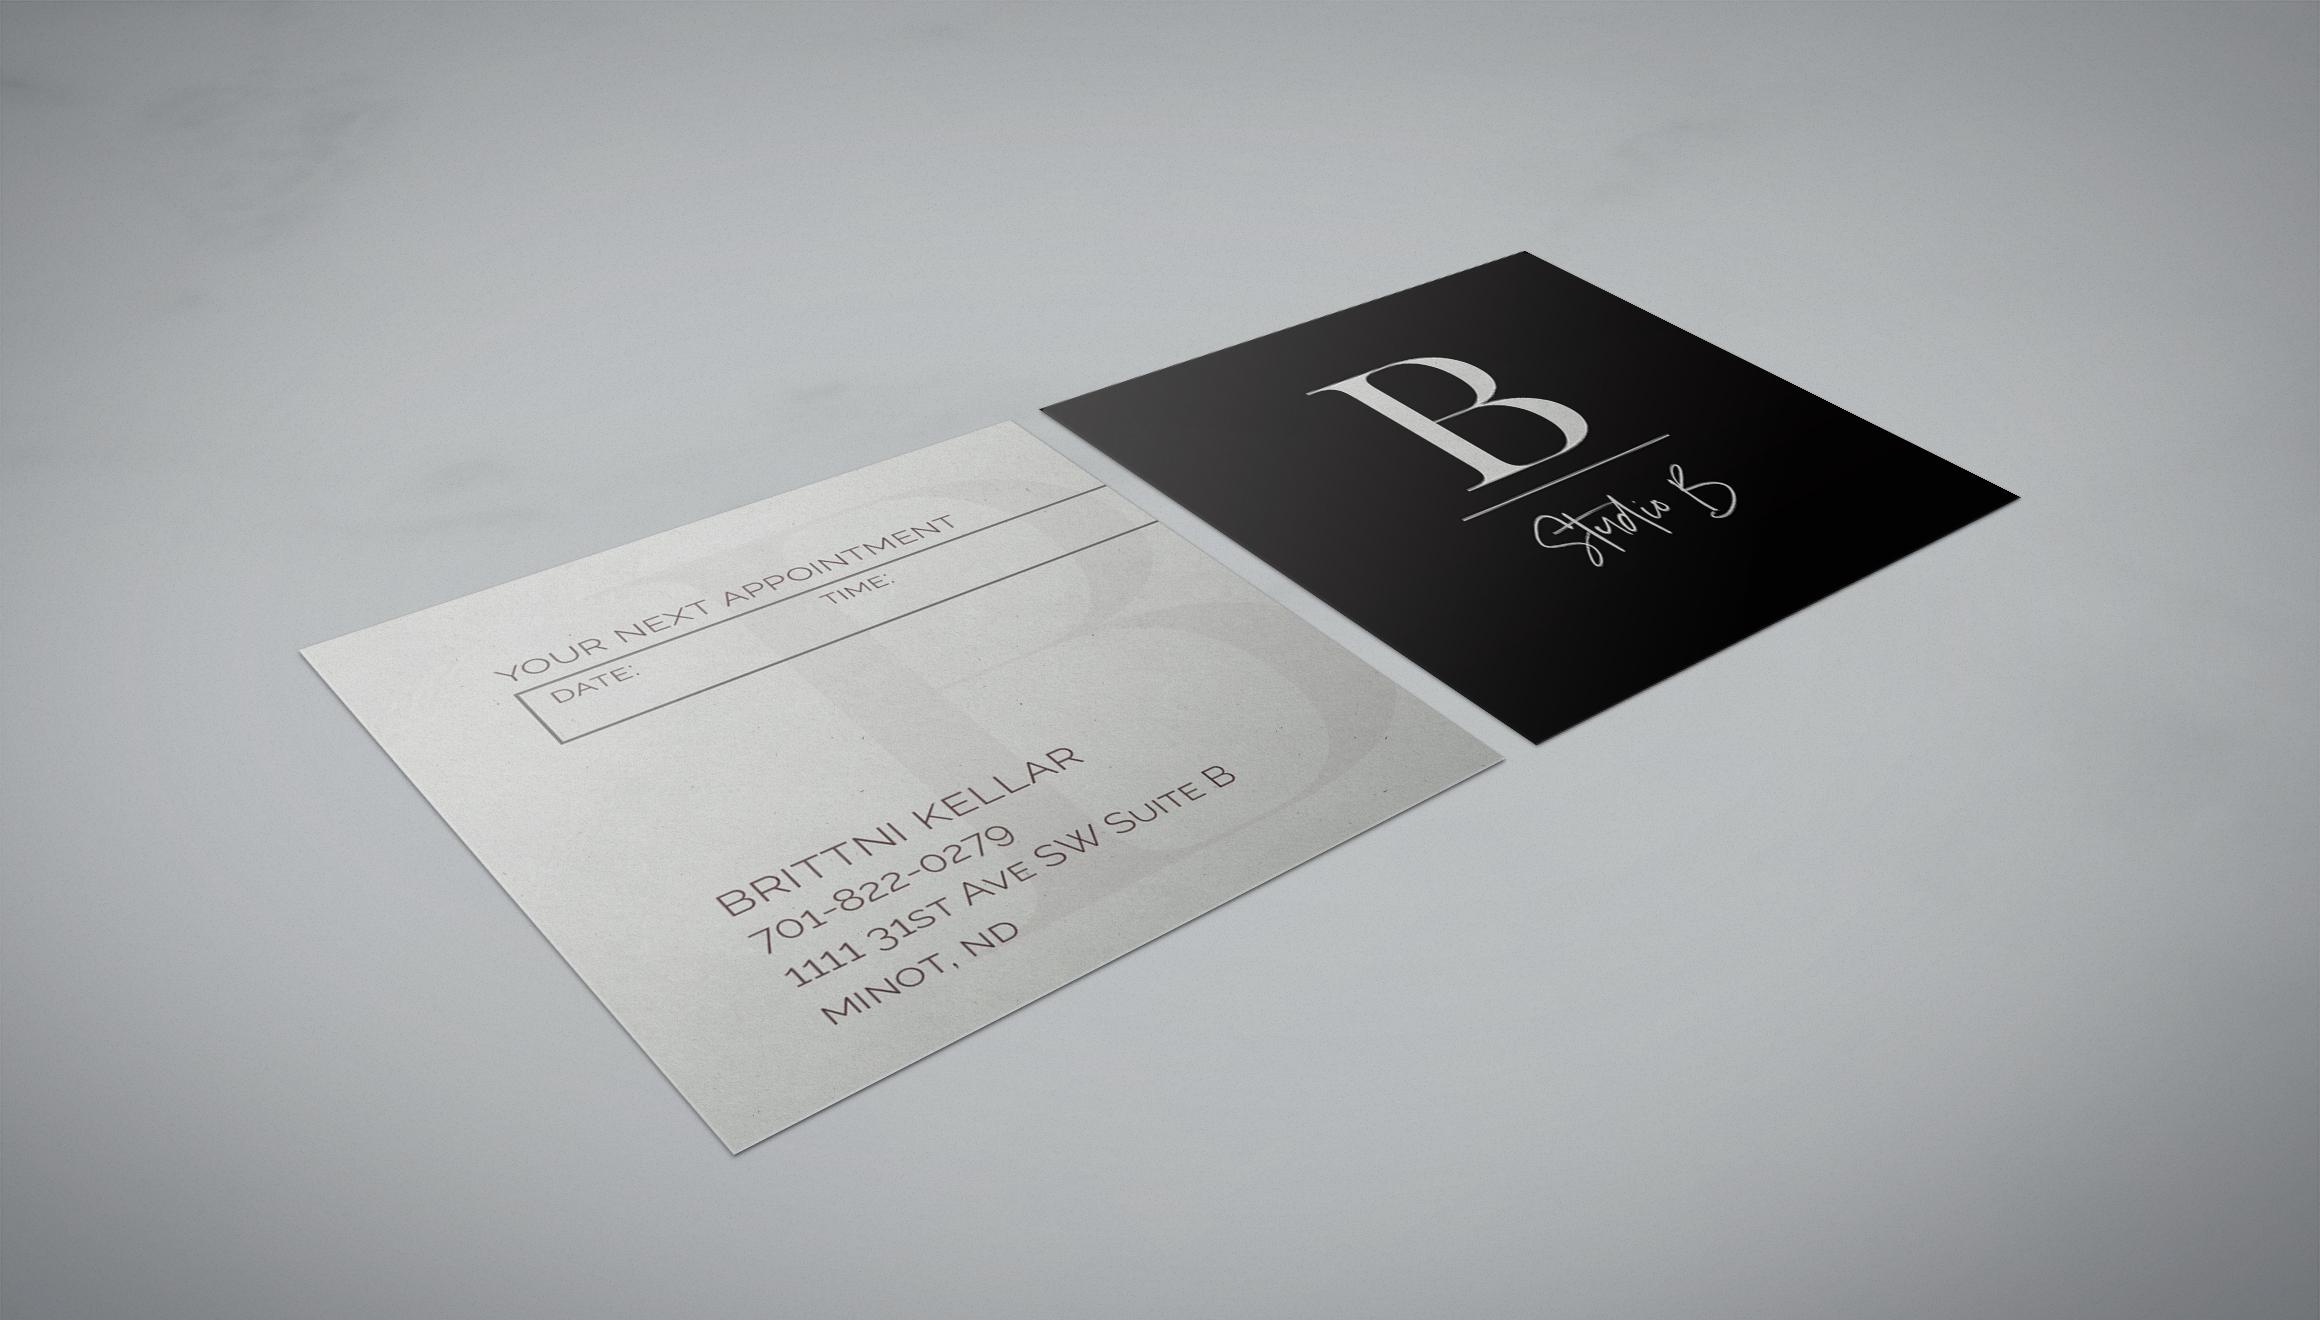 studiobbusinesscard